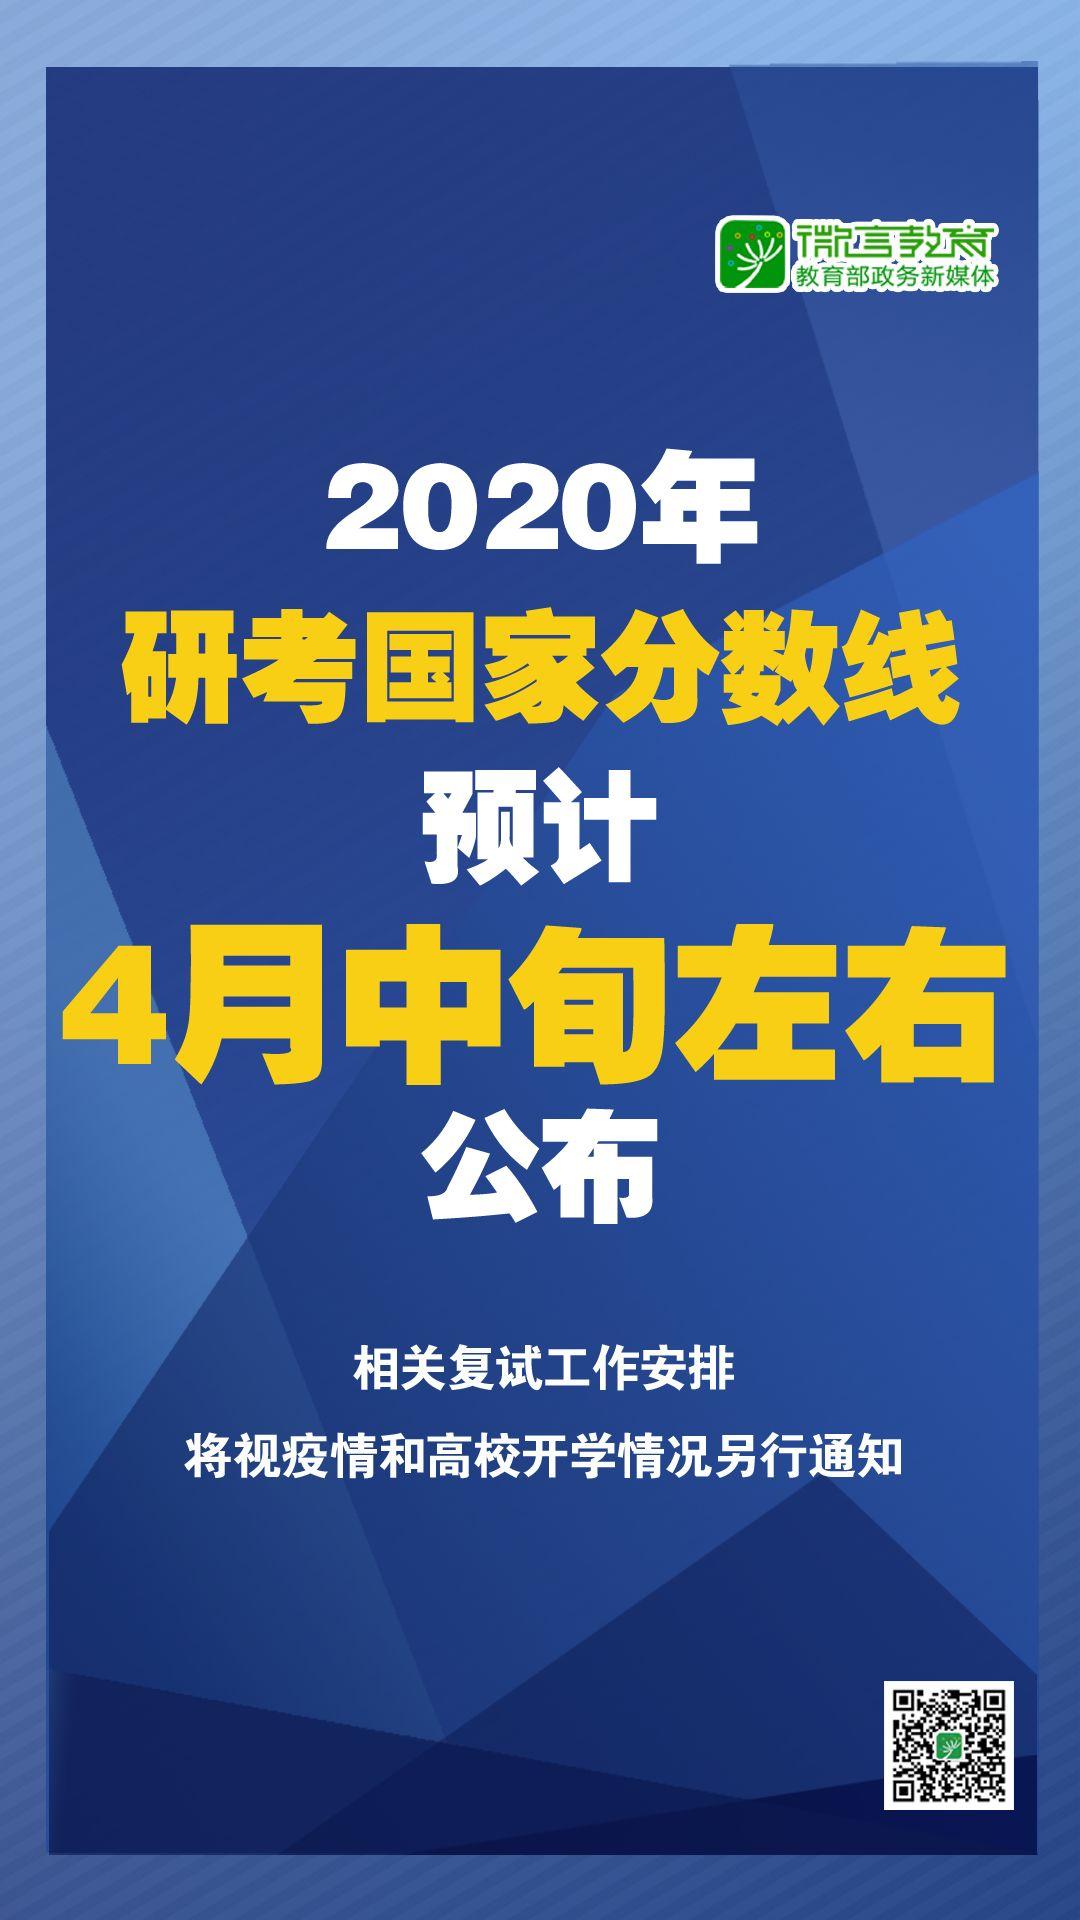 2020年研究生国家分数线预计4月中旬左右公布